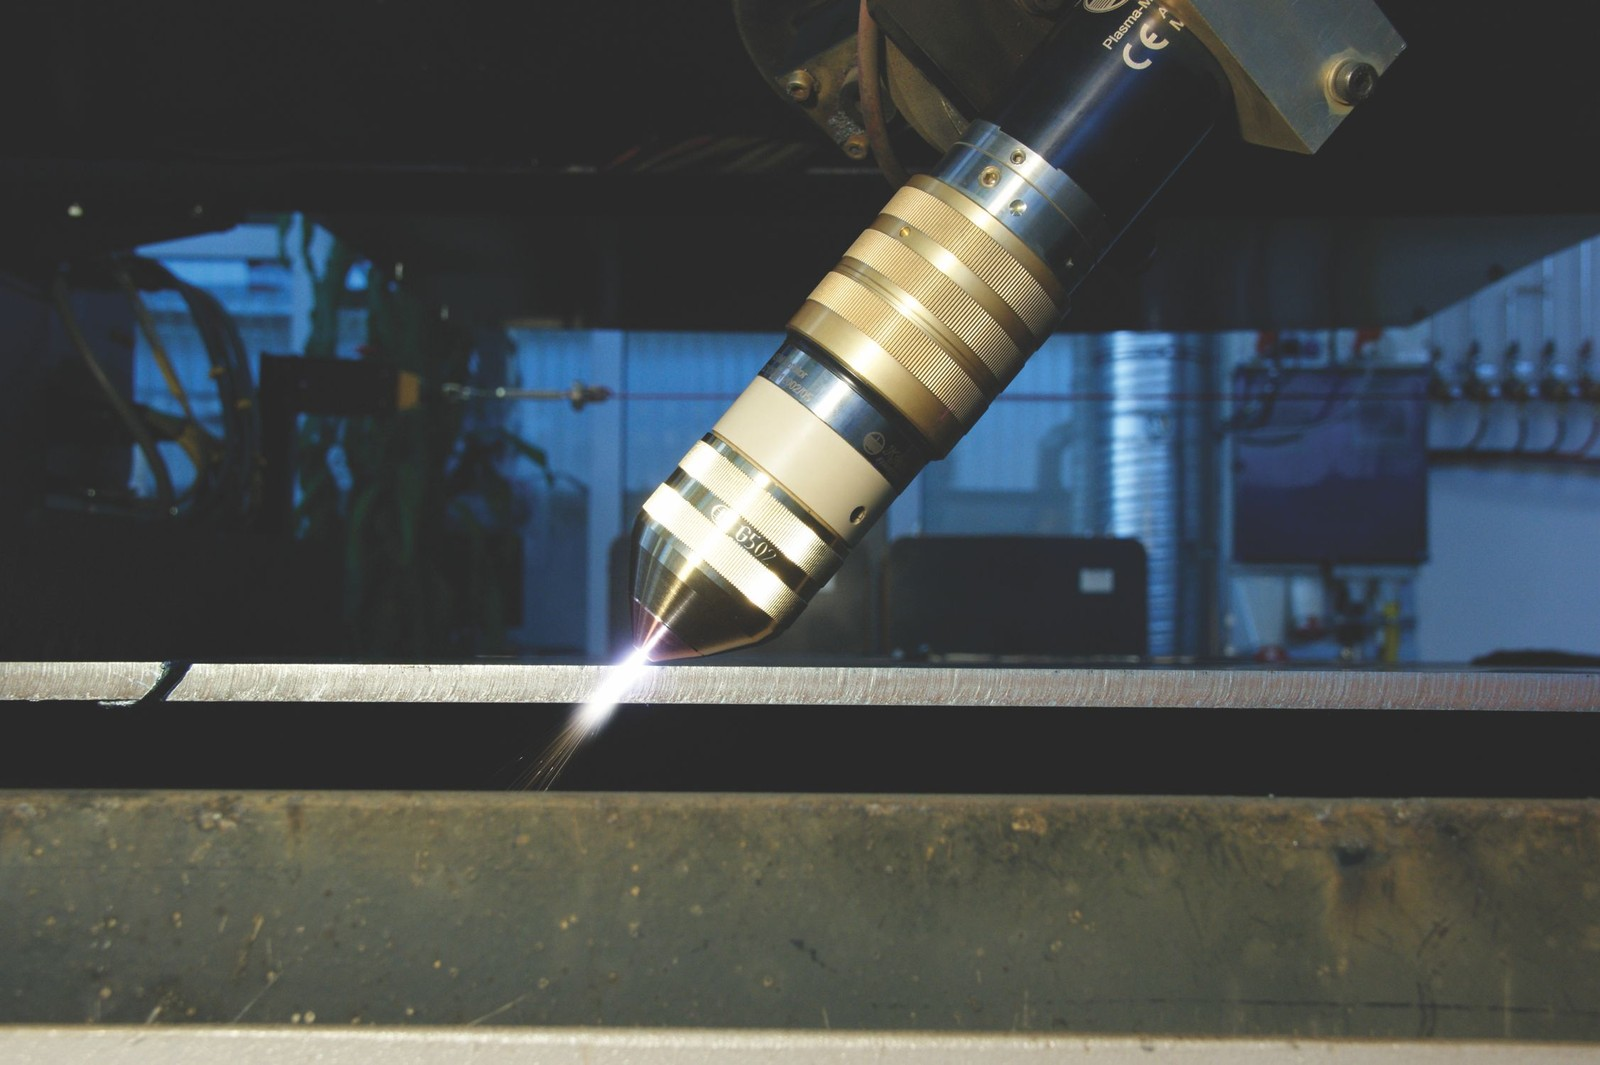 Fasenschneiden in höchster Qualität mit Plasmaschneidtechnik von Kjellberg Finsterwalde.